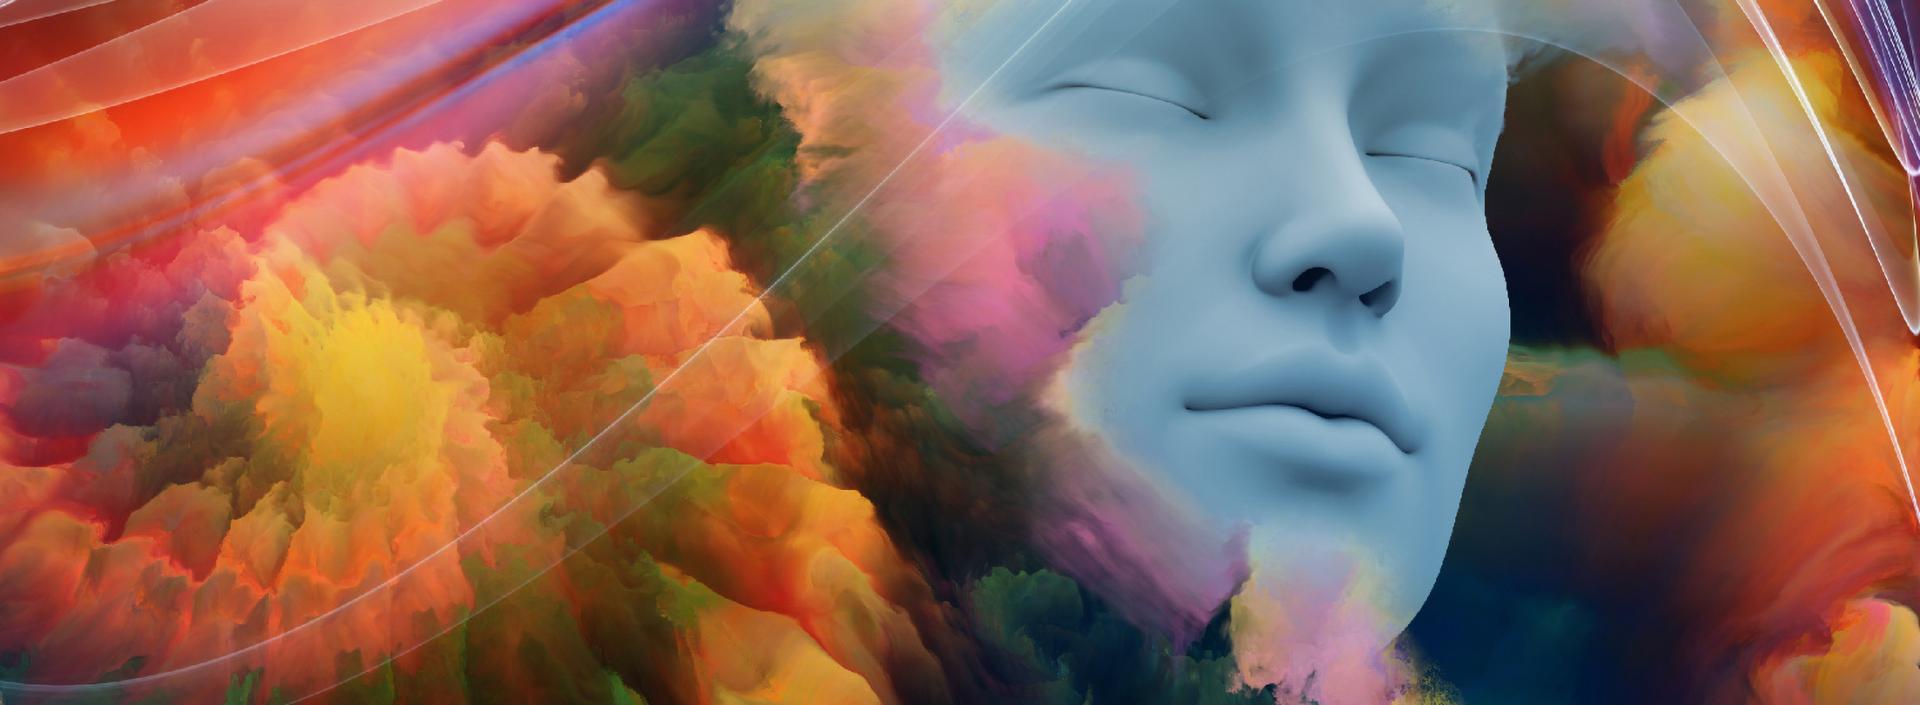 Especialização Avançada em Arte Terapia e Waking Dream Therapy